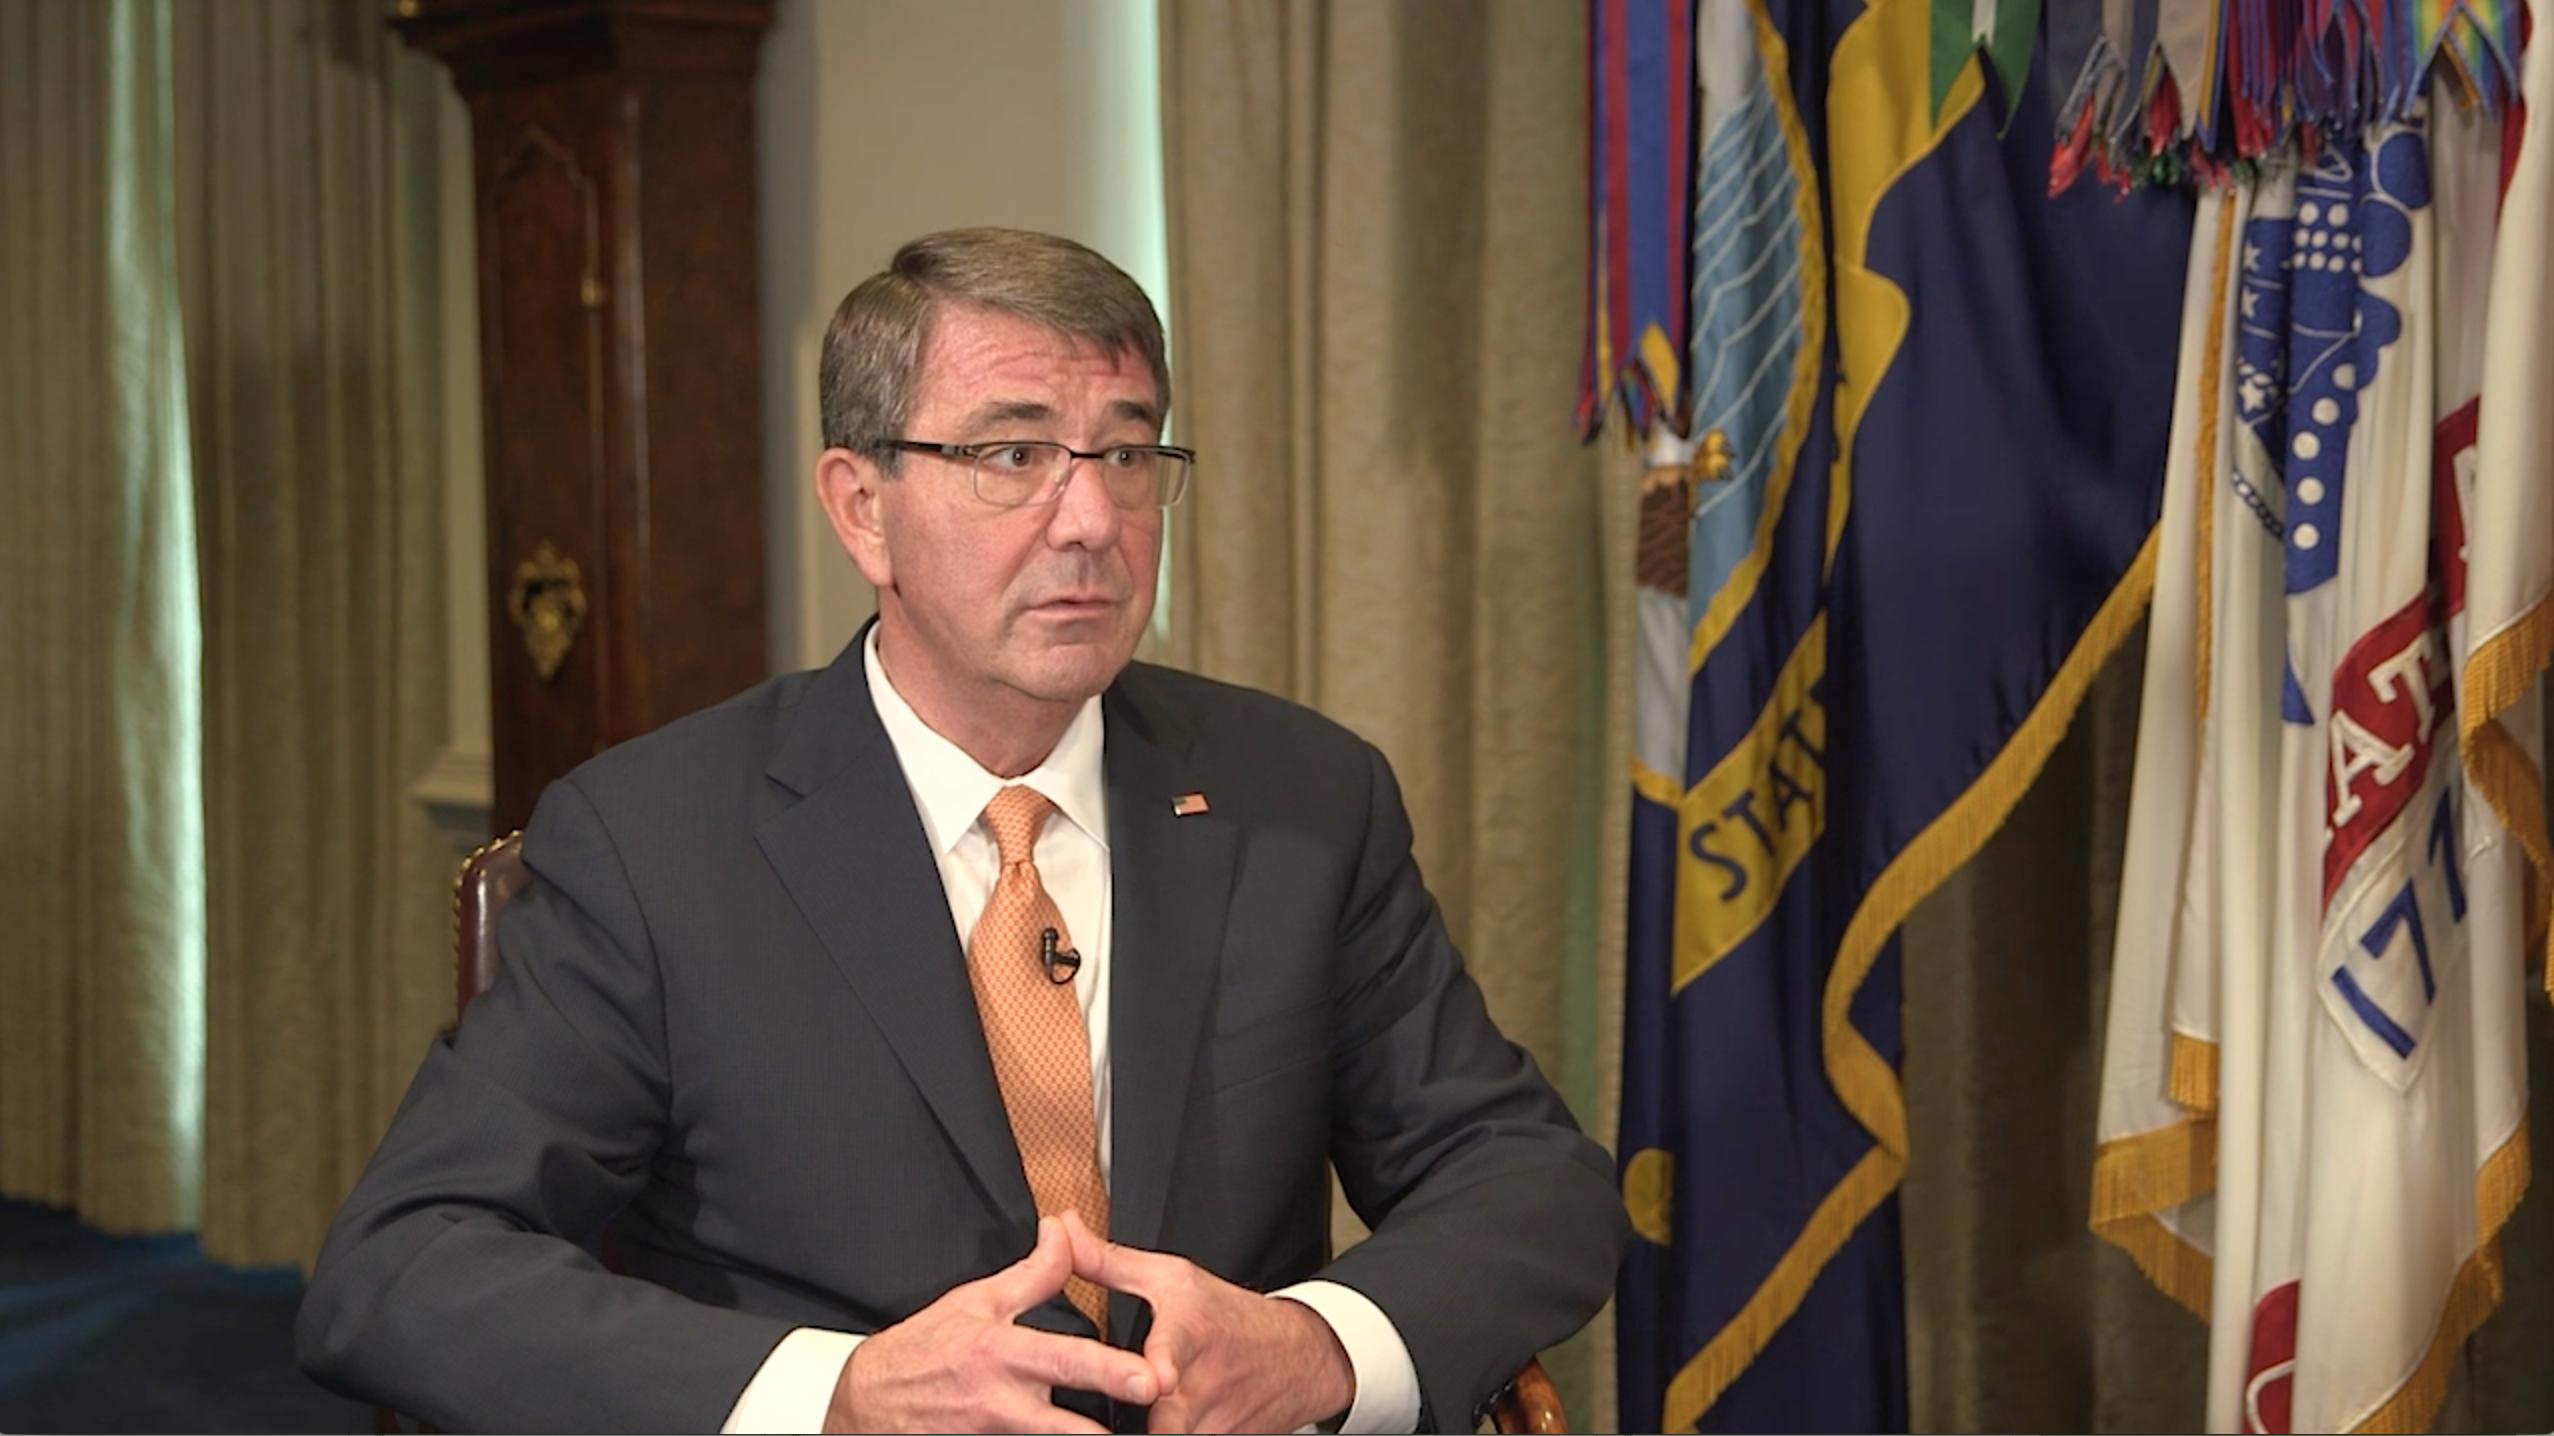 Ashton Carter speaks to Vox at the Pentagon.